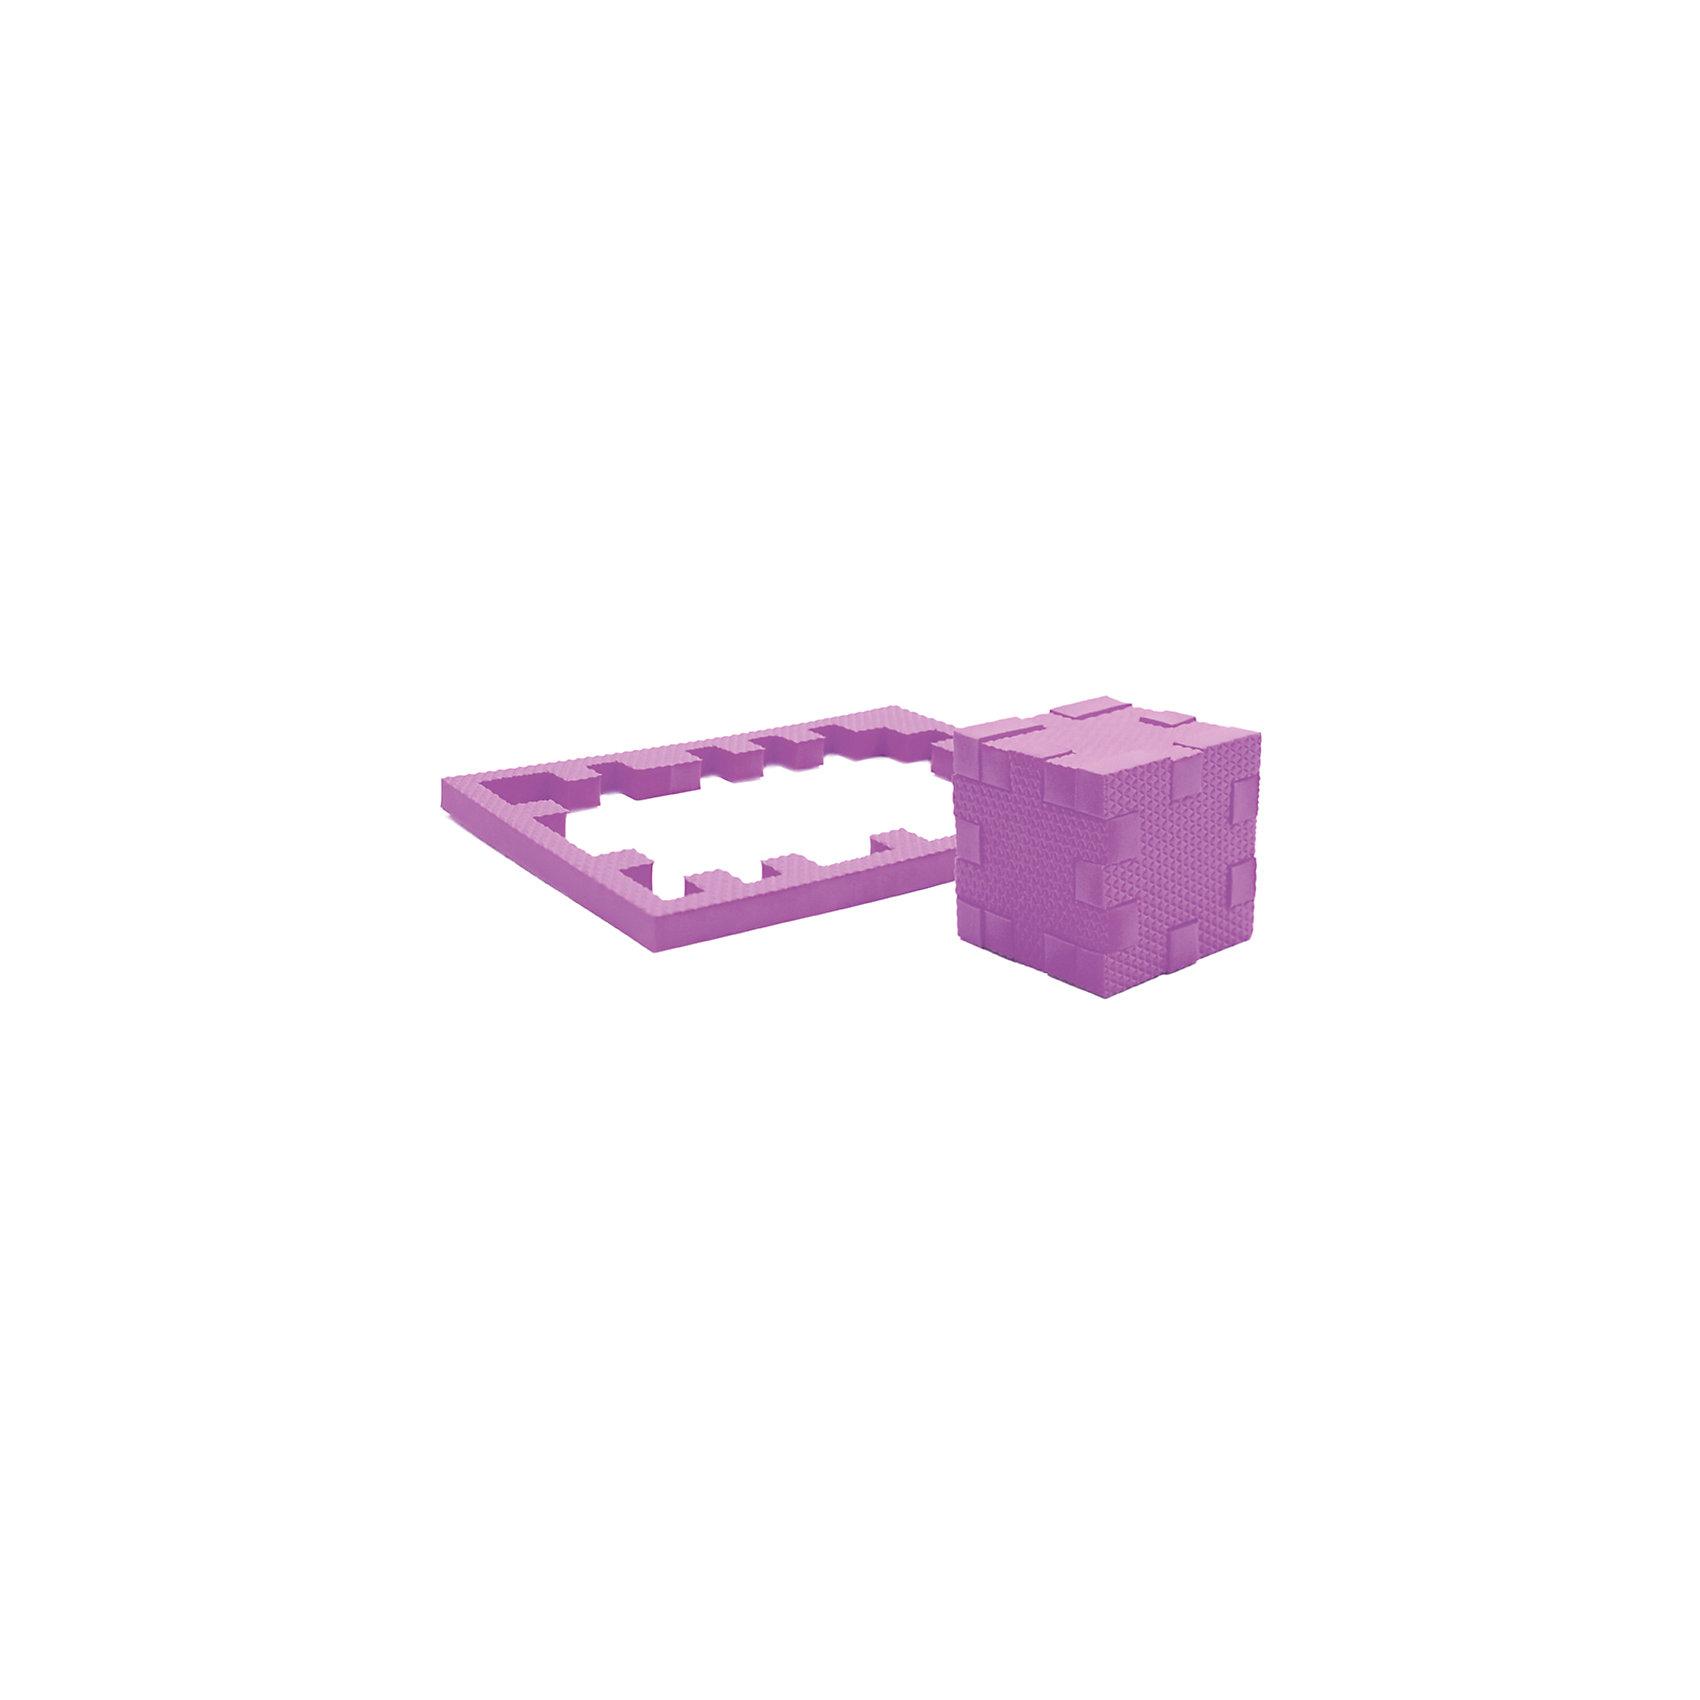 Пазл-конструктор Аметист, PicnMixОкружающий мир<br>Аметист - уникальный пазл-конструктор из серии Кубикформ от PicnMix, который поможет развить логику, мелкую моторику и пространственное восприятие. Ребенок сможет собрать пазл, кубик и различные геометрические фигуры. Для начала можно следовать инструкции, а узнав, как устроен чудо-пазл, придумать свои собственные творения. Кроме того, с конструктором Аметист можно смело играть в воде. <br>Пазл-конструктор Аметист - замечательный подарок для юных строителей!<br><br>Дополнительная информация:<br>Цвет: сиреневый<br>Материал: ЭВА(вспененный полимер)<br>Размер упаковки: 21,5х1,5х15,5 см<br>Вес: 45 грамм<br><br>Пазл-конструктор Аметист от PicnMix можно приобрести в нашем интернет-магазине.<br><br>Ширина мм: 215<br>Глубина мм: 15<br>Высота мм: 160<br>Вес г: 50<br>Возраст от месяцев: 36<br>Возраст до месяцев: 60<br>Пол: Унисекс<br>Возраст: Детский<br>SKU: 5008785